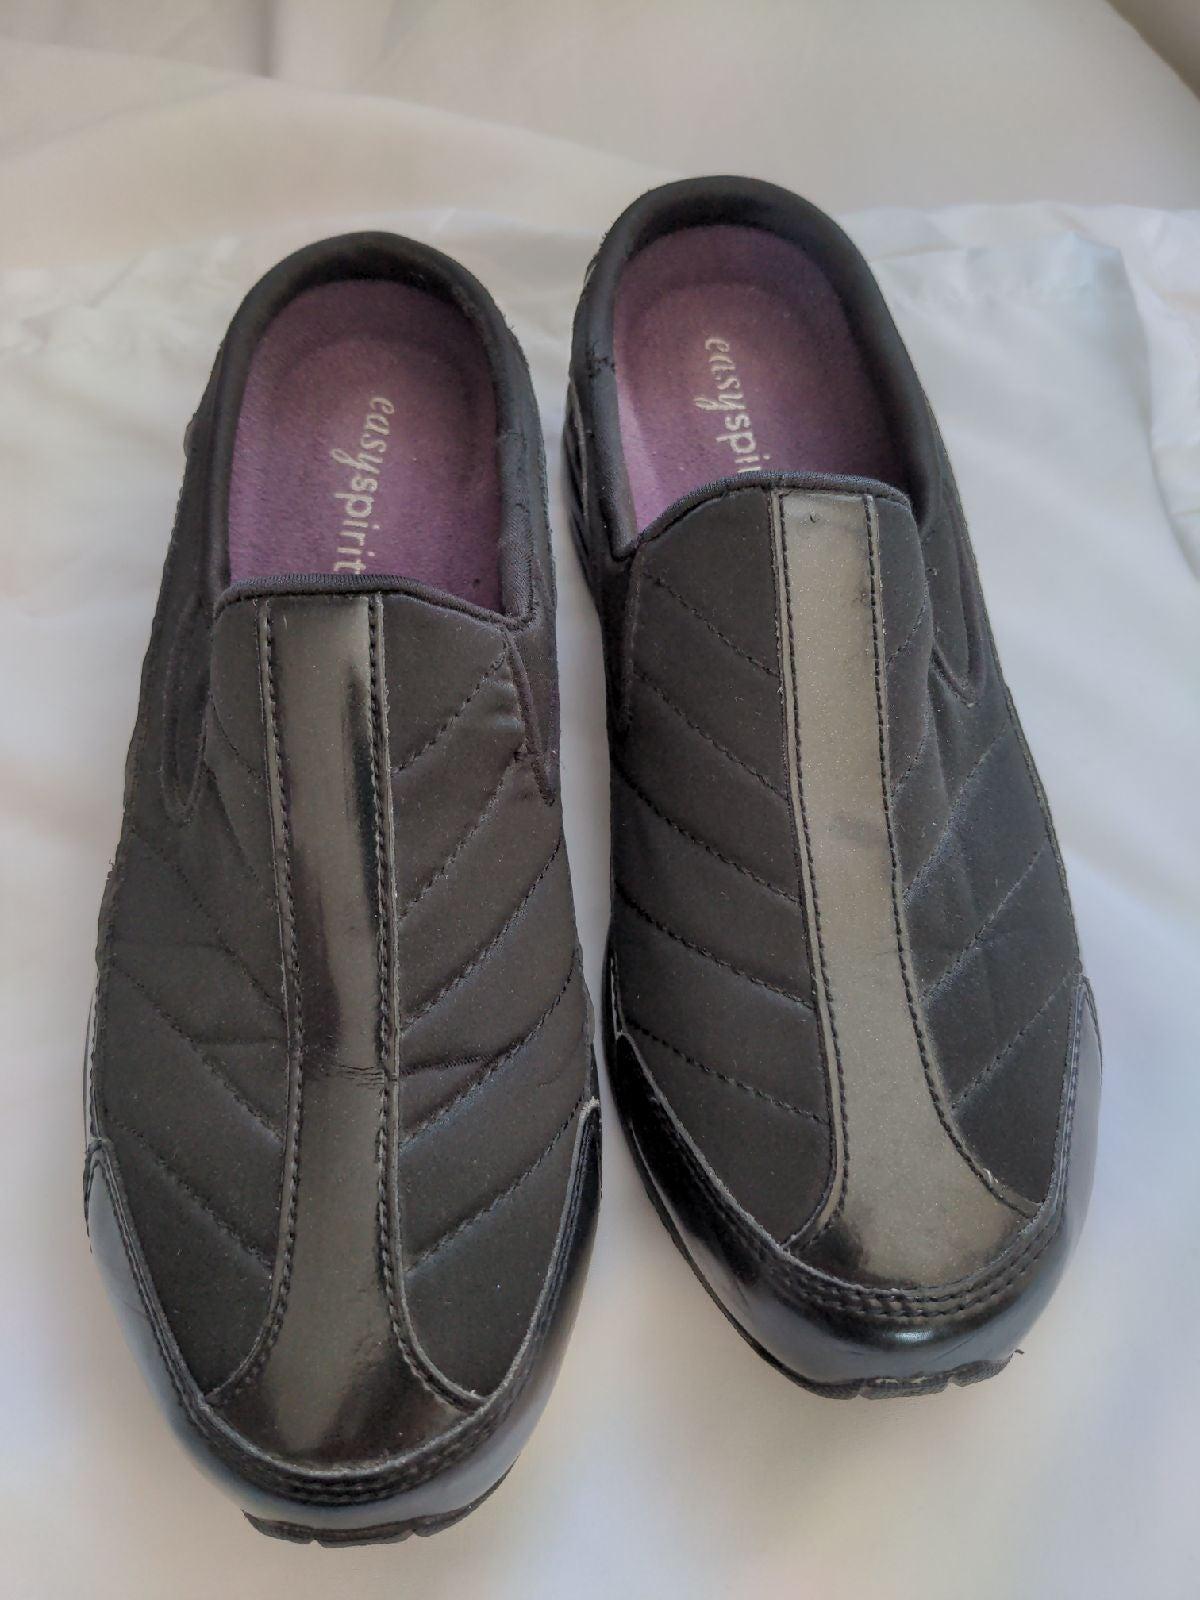 Women's Slip-on shoes by easy spirit